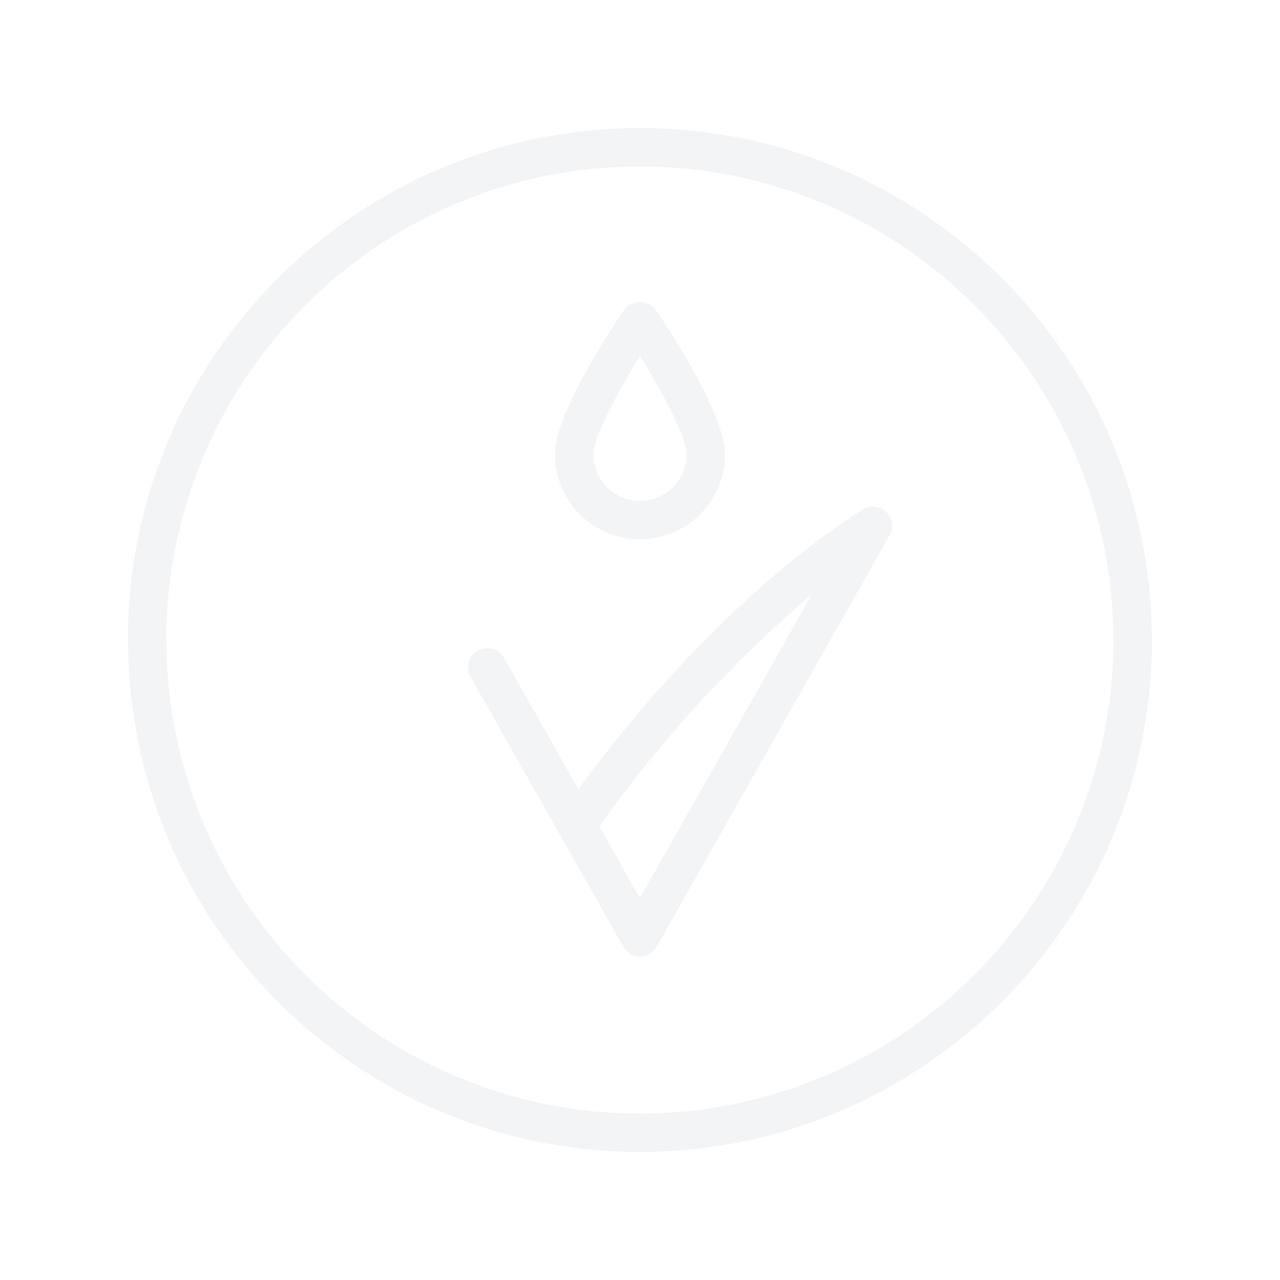 JANE IREDALE Enlighten Concealer No.1 Medium Intense Peach 2.8g